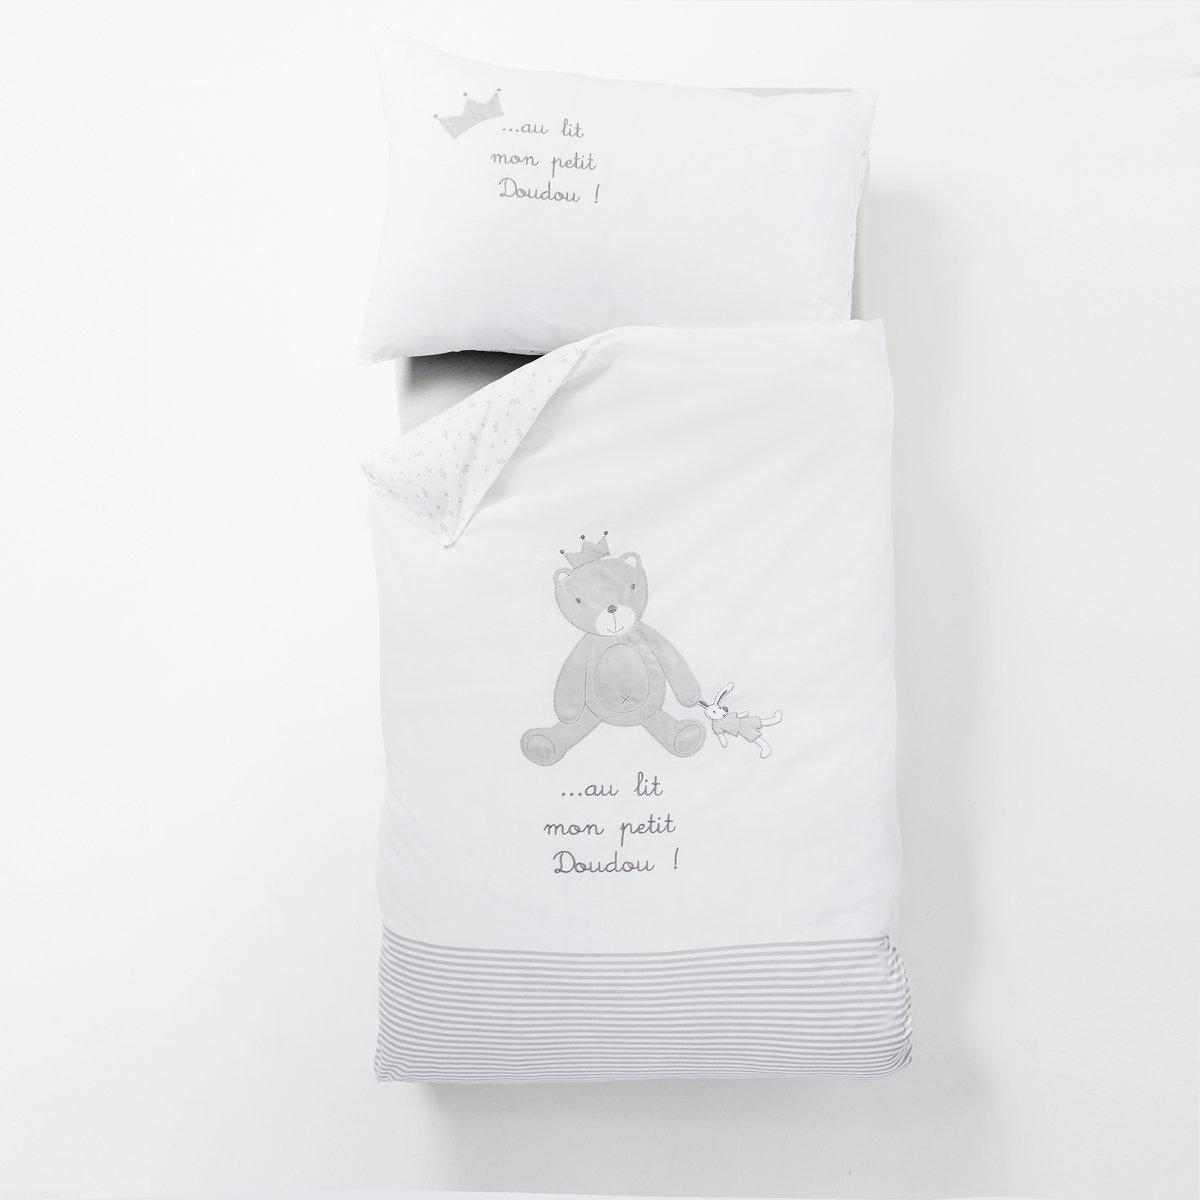 Комплект постельного белья Au lit mon petit doudouПододеяльник и прямоугольная наволочка Au lit mon petit doudou для малышей, 100% хлопка. Мягкость и нежность ткани, очаровательный медвежонок. Характеристики:100% хлопка, 57 нитей/см?. Клапан для заправки под матрас.Машинная стирка при 60°.Размеры комплекта:Размер пододеяльника: 80 x 120 см. Размер наволочки: 40 x 60 см. Весь комплект постельного белья вы можете найти на нашем сайте laredoute.ru. В целях безопасности не рекомендуется использовать одеяла и подушки для детей до 18 месяцев.<br><br>Цвет: белый/ серый